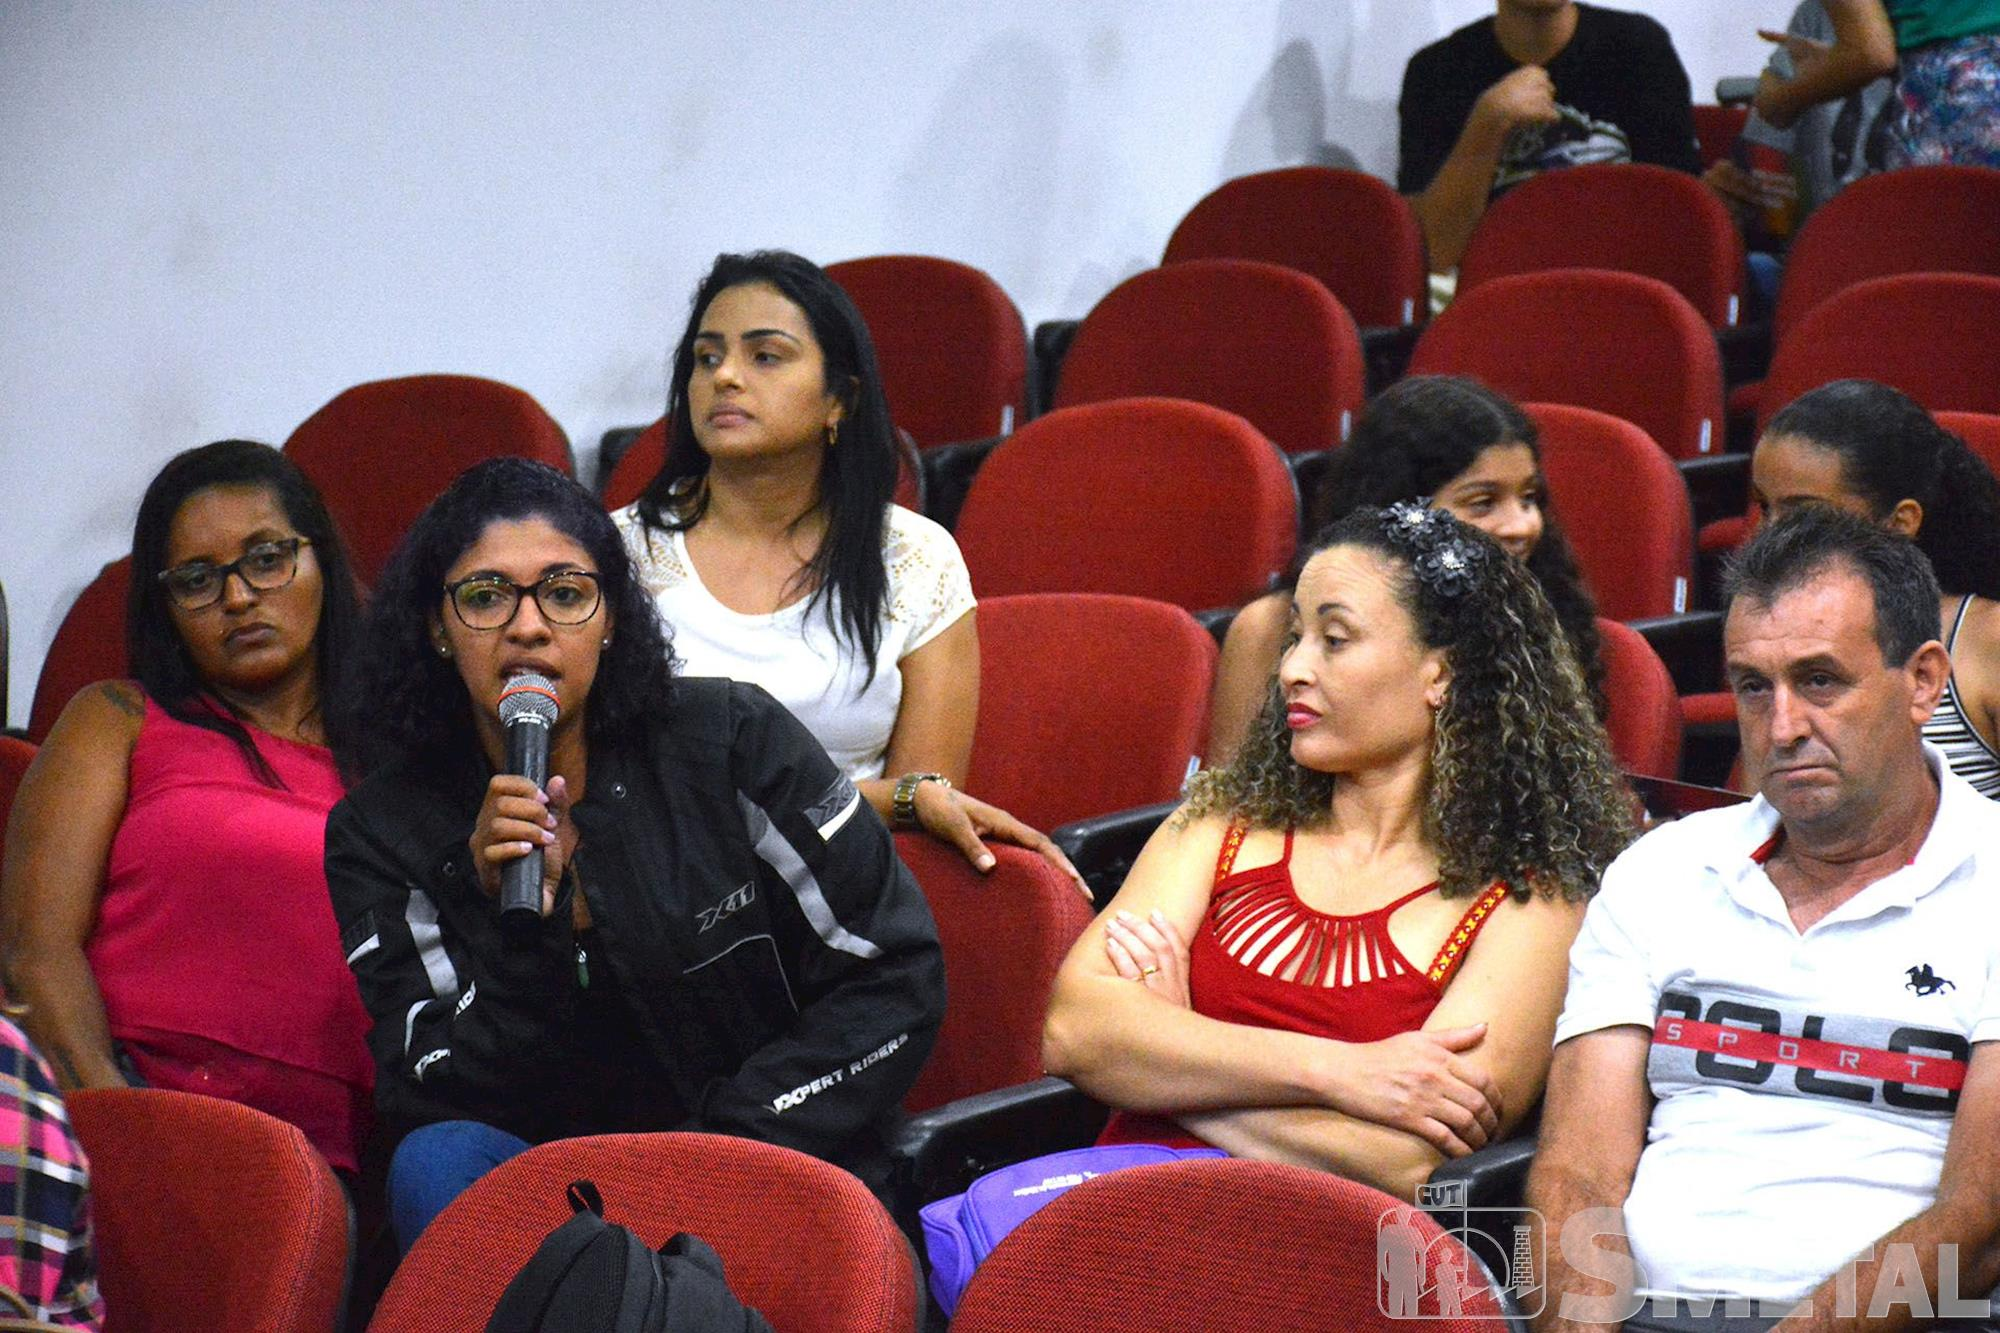 Cine debate do SMetal reforça a necessidade da igualdade de gênero, mulher,  luta,  cine,  debate, Foguinho/Imprensa SMetal, Cine debate do SMetal reforça a necessidade da igualdade de gênero